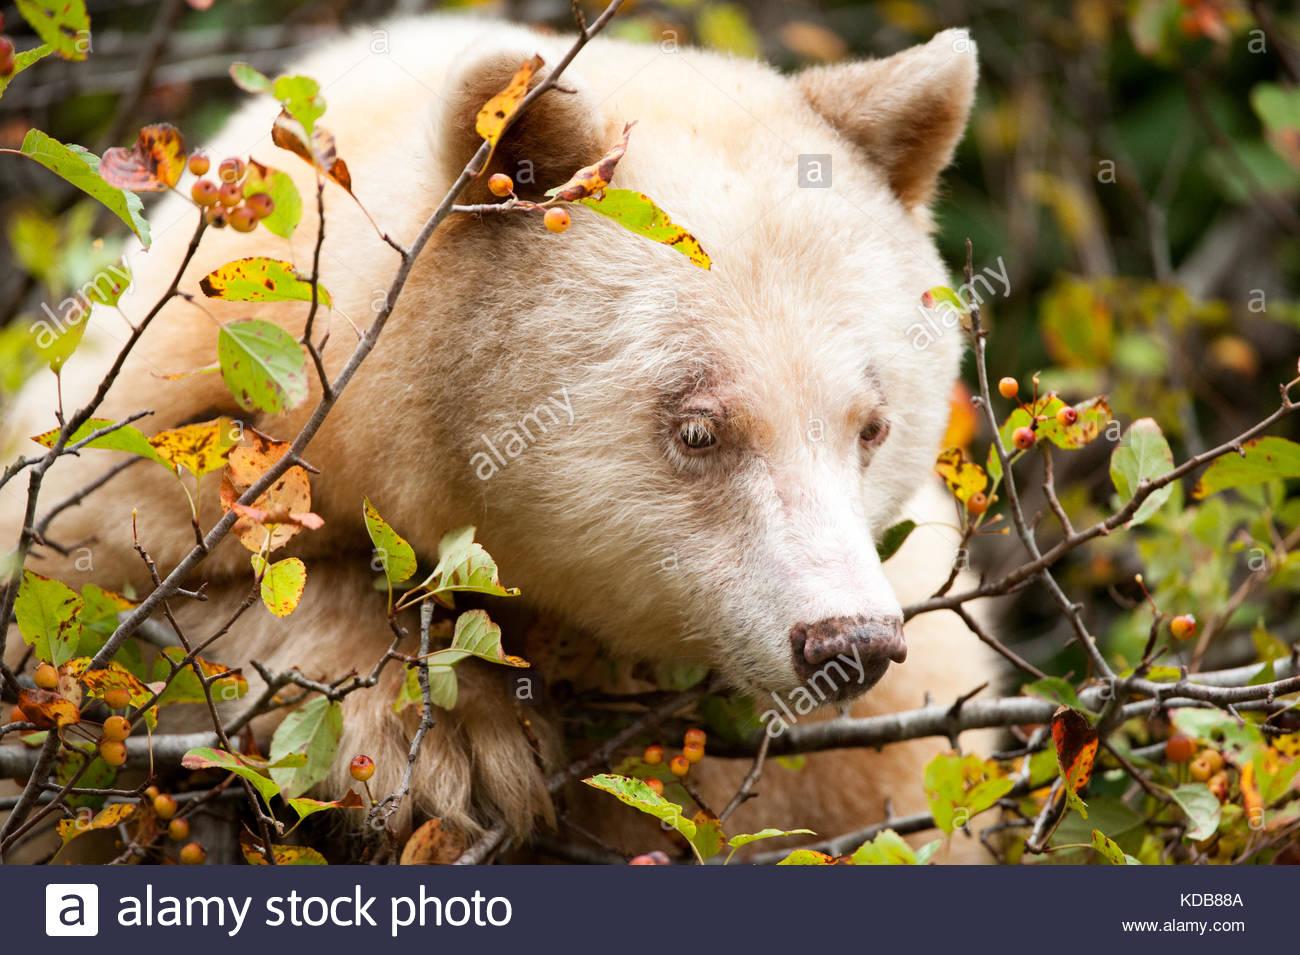 A spirit bear, Ursus americanus kermodei, grazes on ripe crabapples in the fall. - Stock Image